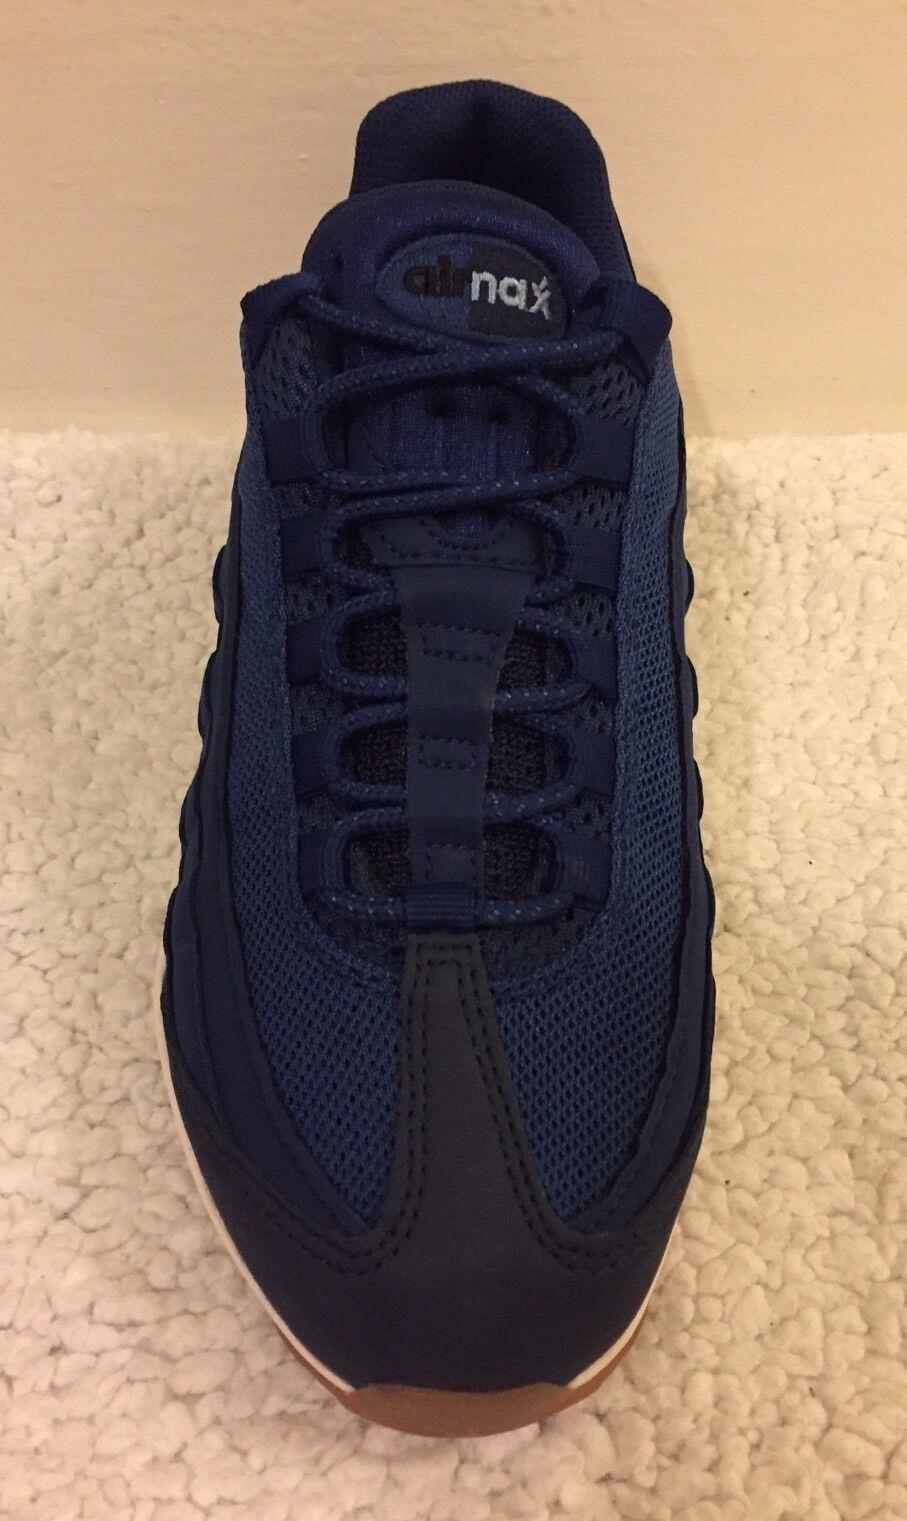 Nike Bir Max 95 Size 4.5 (uk) BNIB